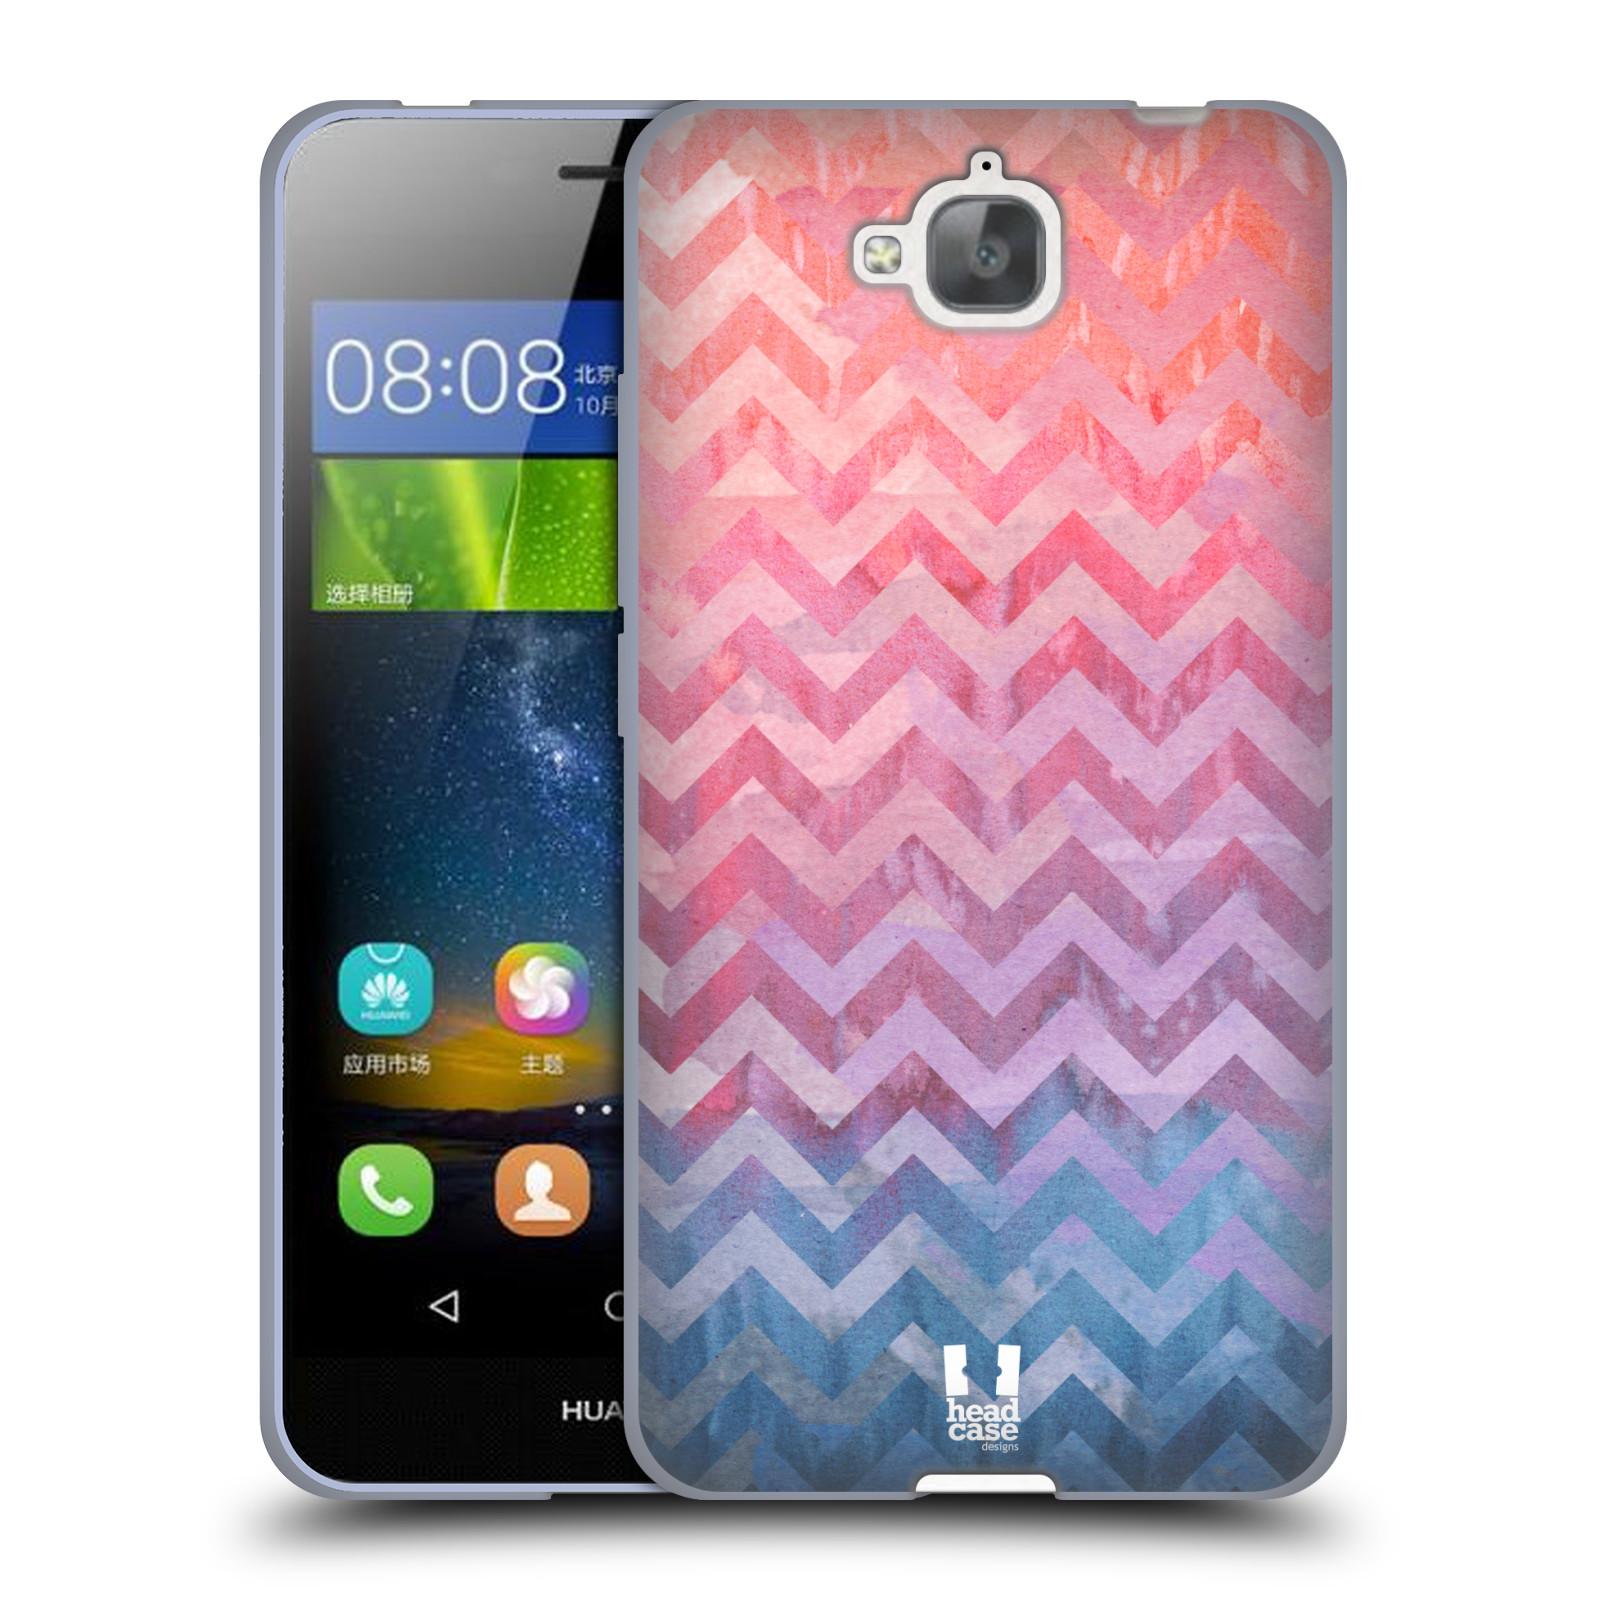 Silikonové pouzdro na mobil Huawei Y6 Pro Dual Sim HEAD CASE Pink Chevron